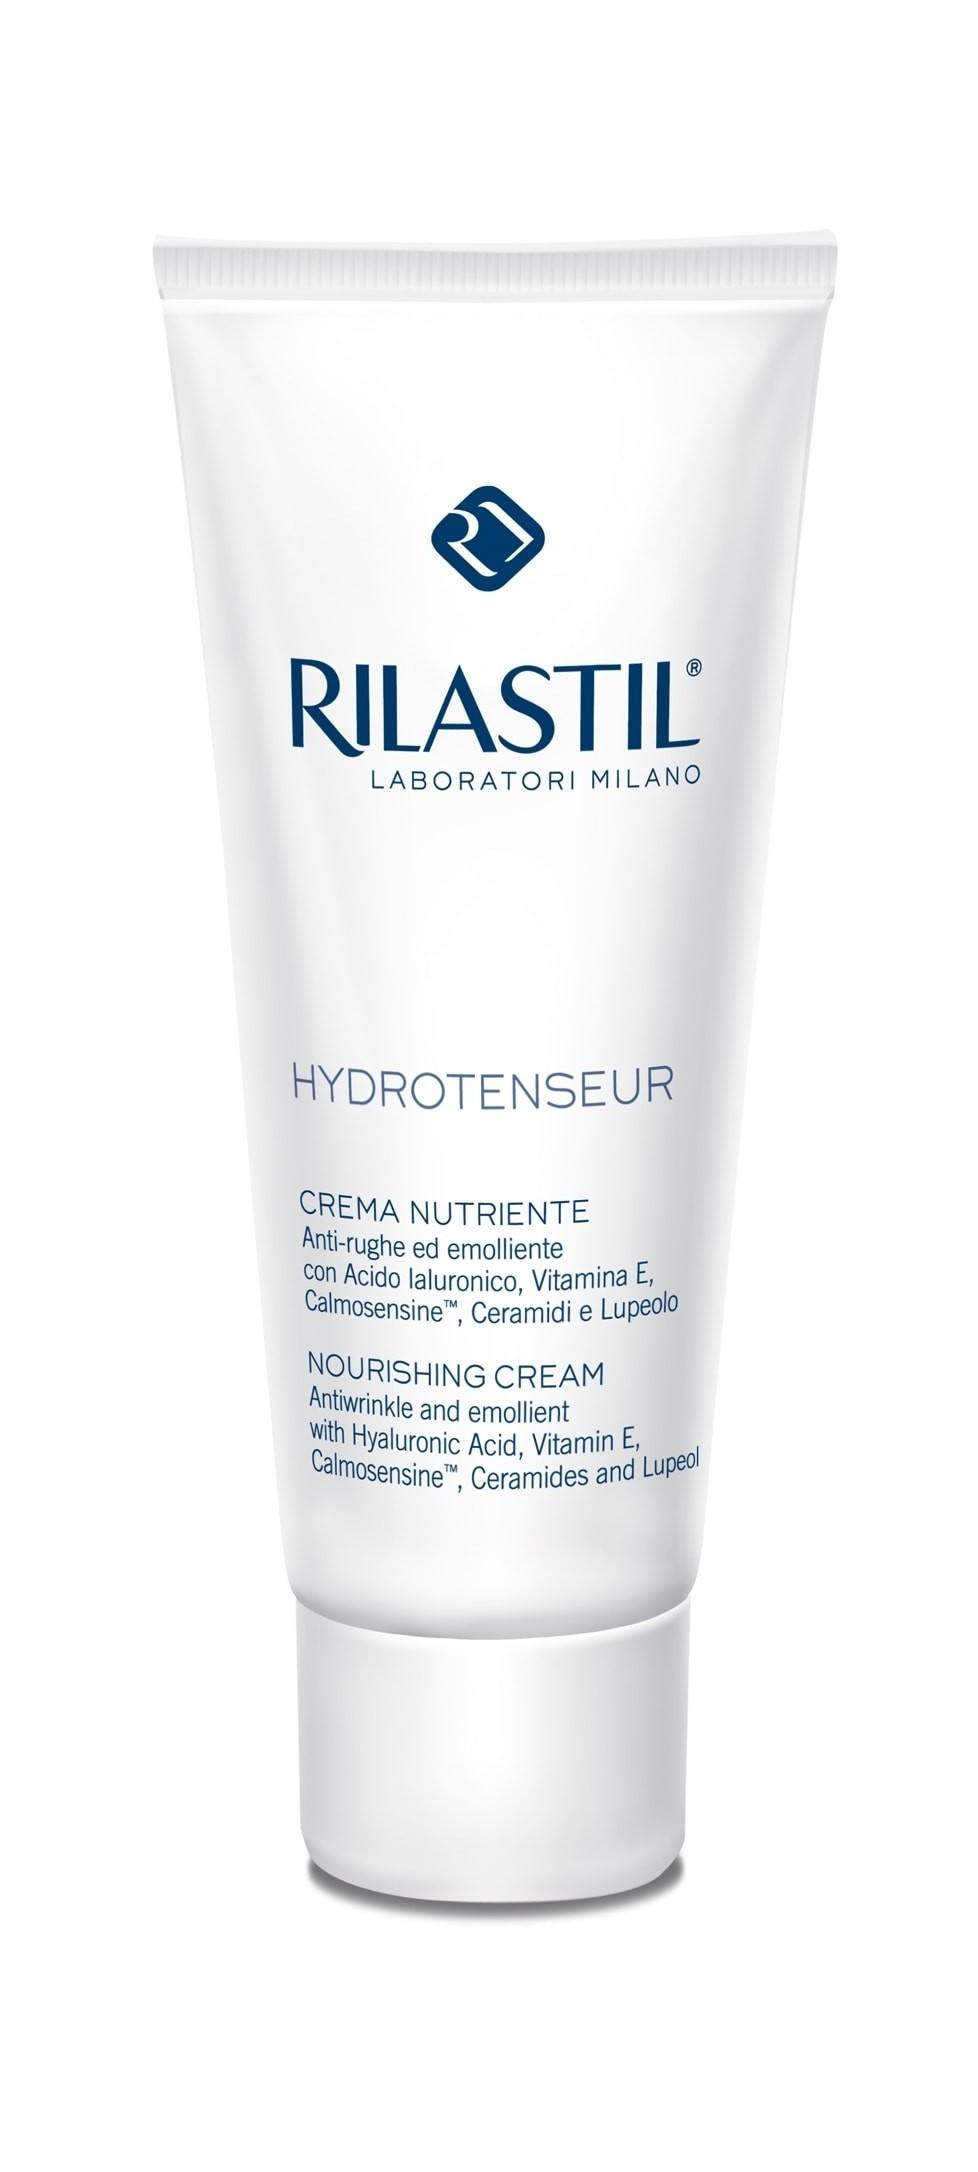 Rilastil Hydrotenseur Crema Nutriente Antirughe 50ml